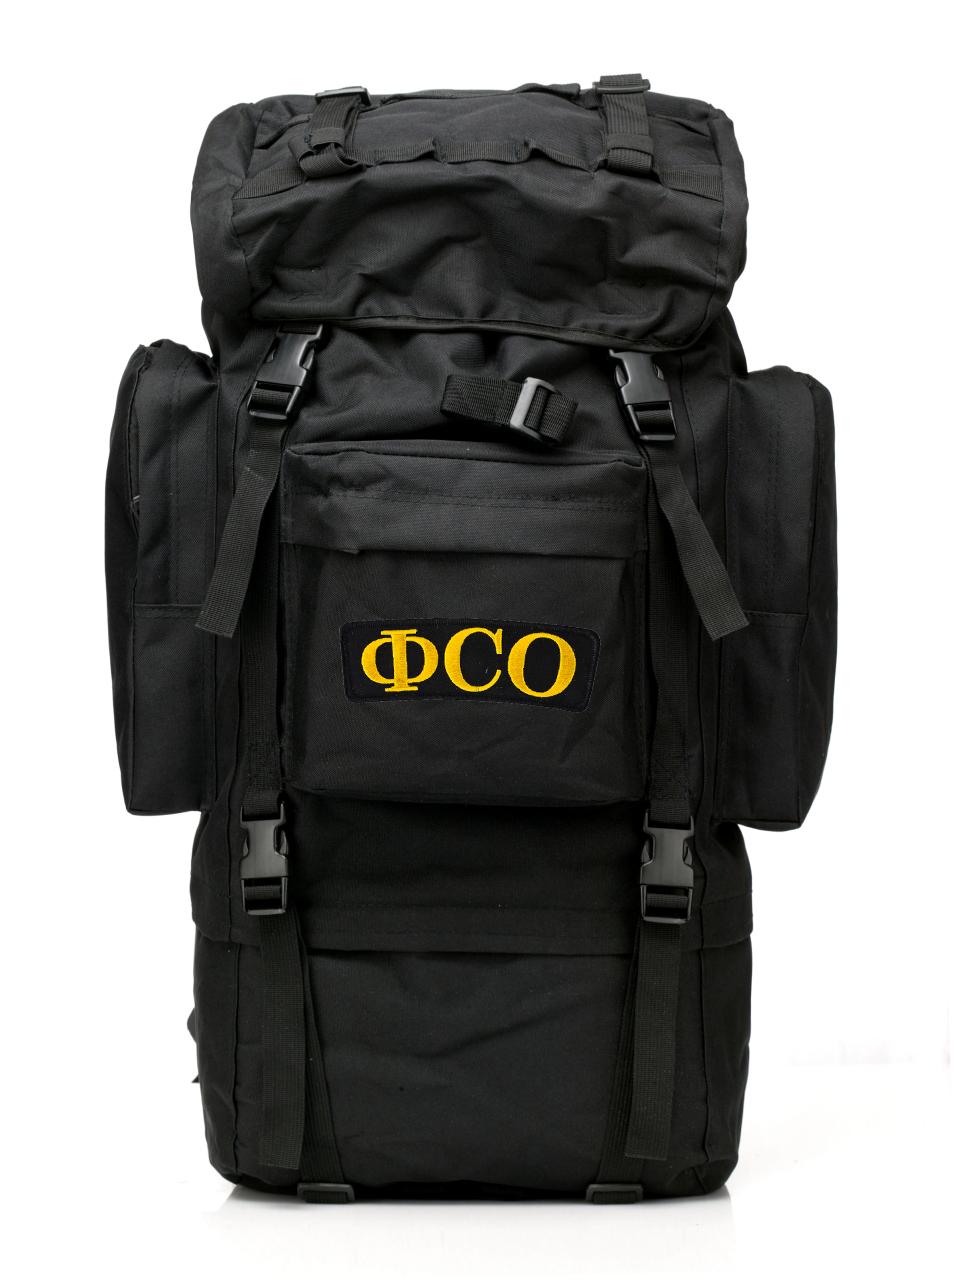 Многодневный тактический рюкзак ФСО Max Fuchs - купить в  подарок